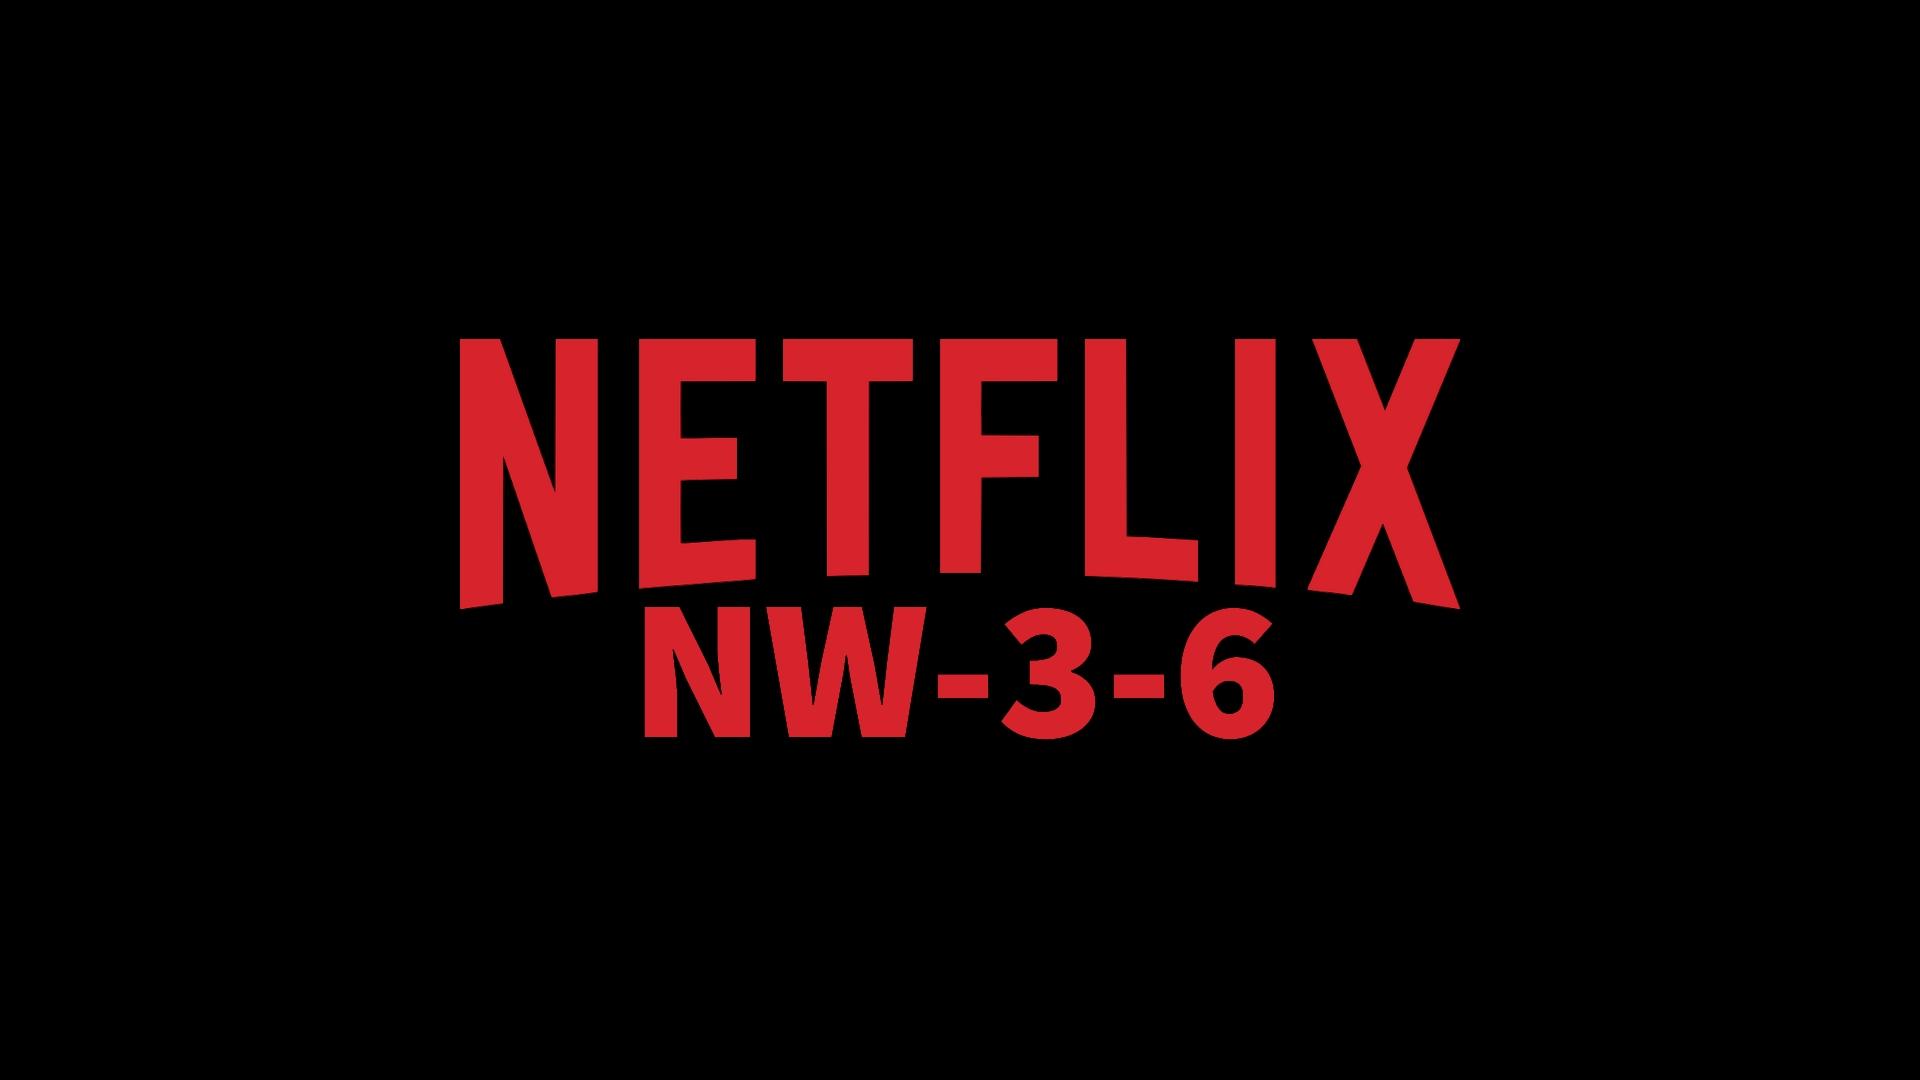 Netflix Nw-3-6